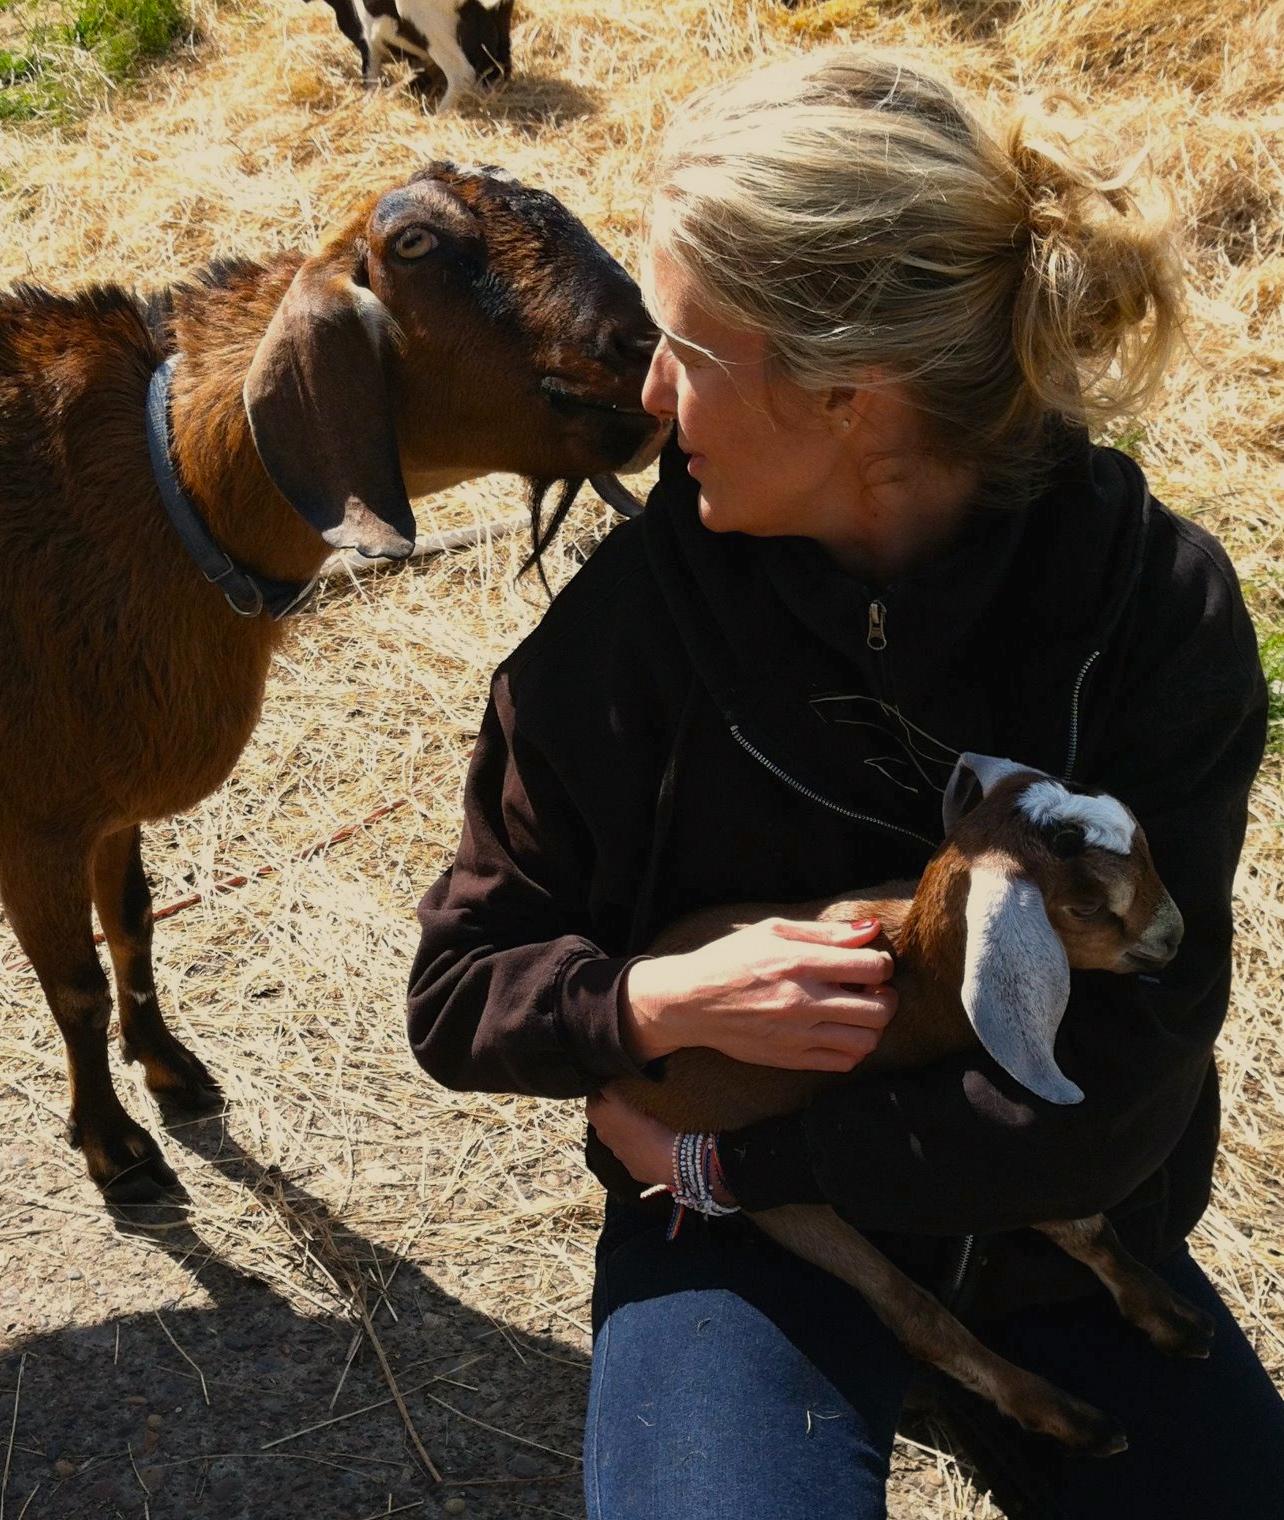 Britt&goats.jpg